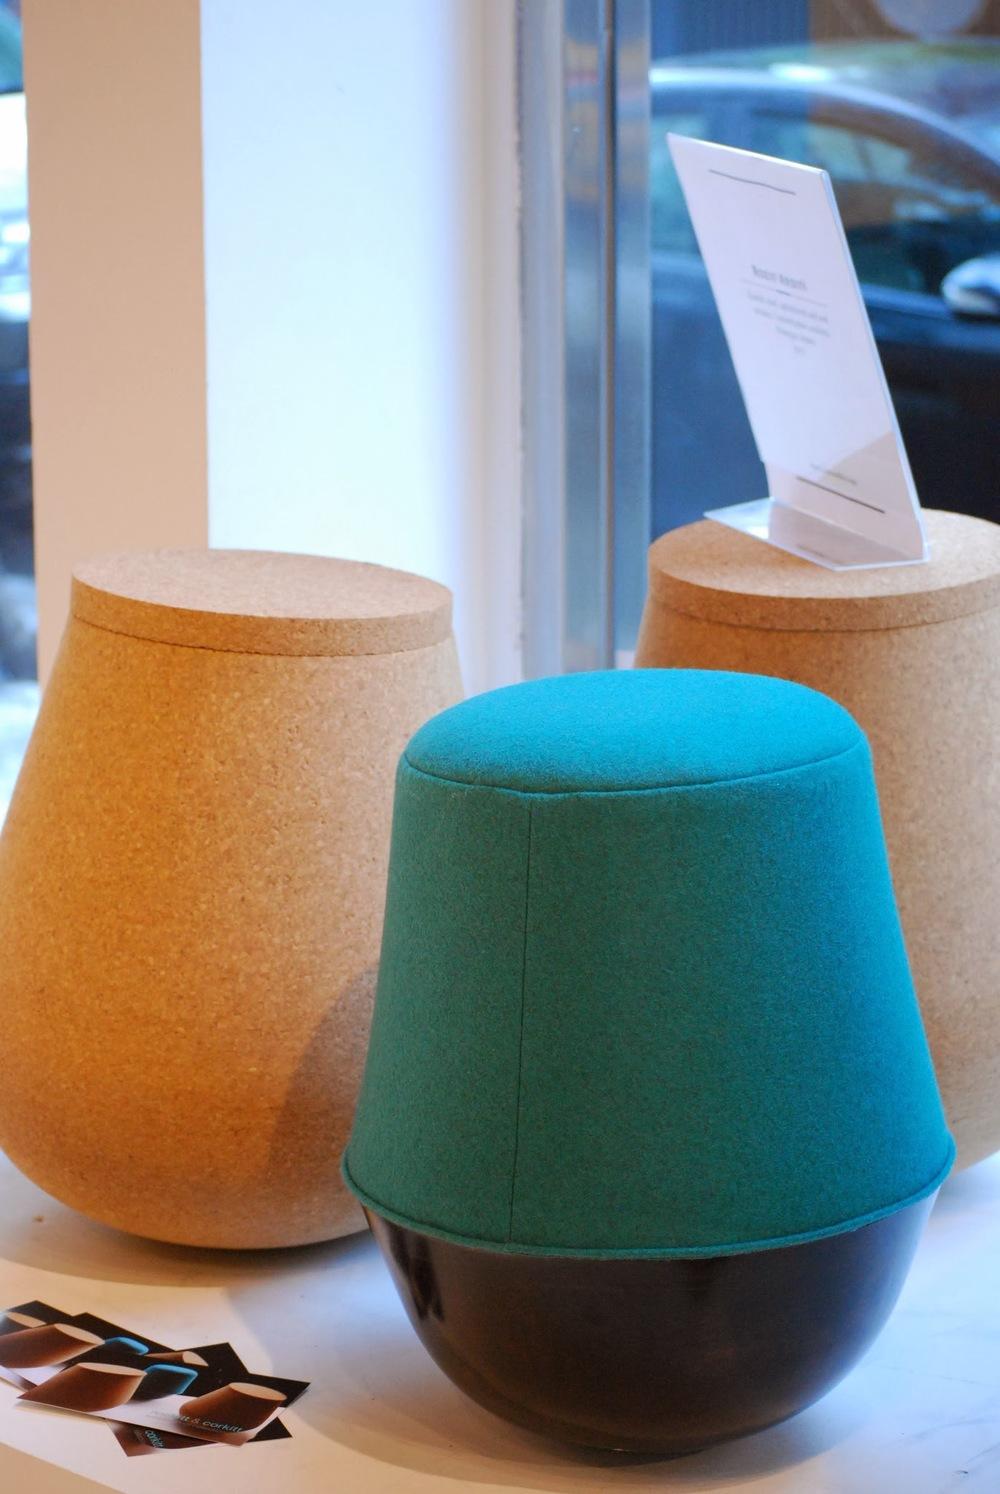 Rozit Arditi 's Rockitt & corkitt tumbler stool collection